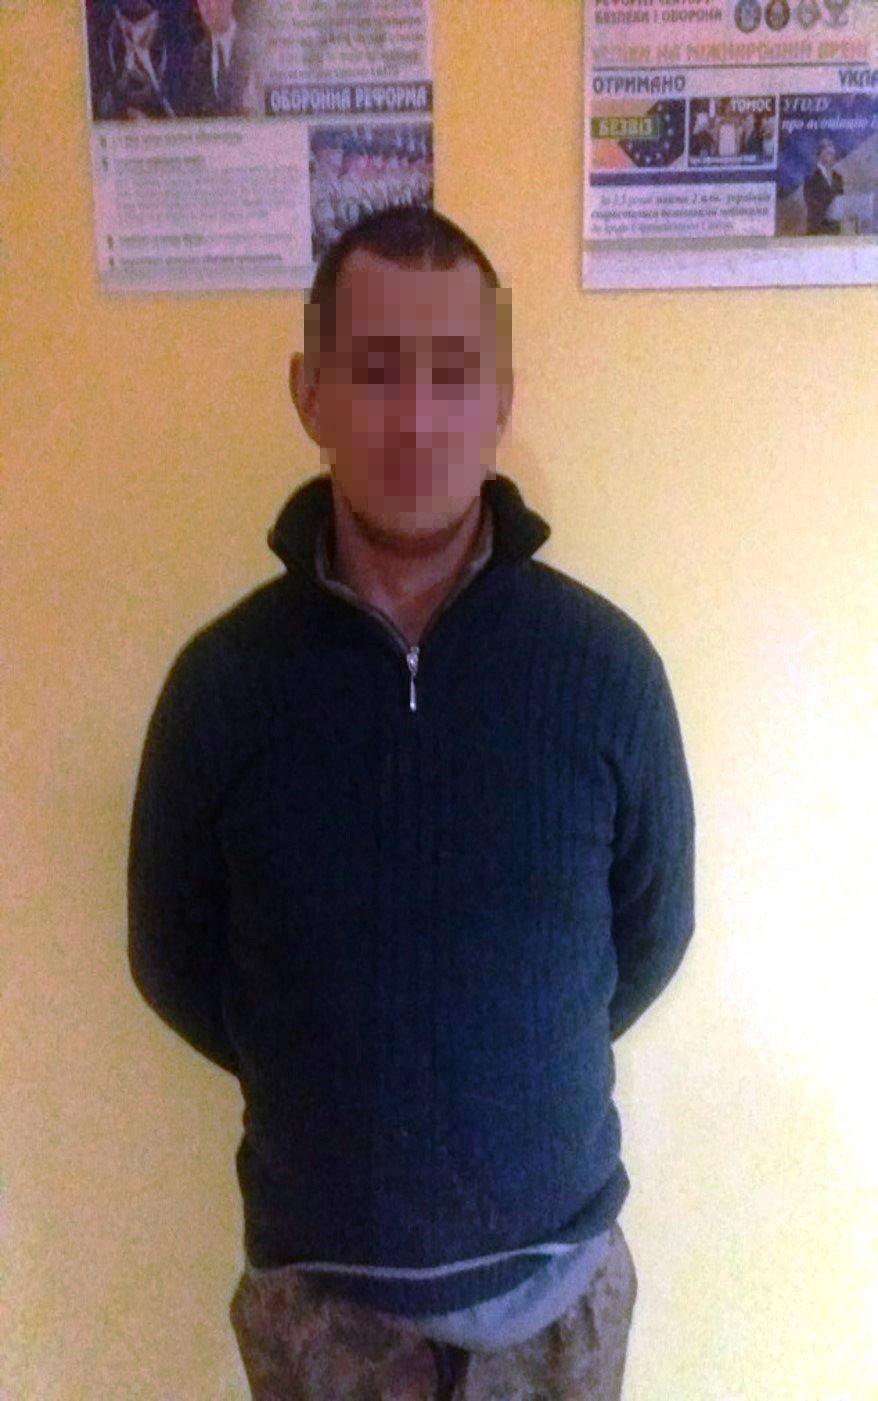 Рахівським прикордонникам довелось ловити зловмисників, які погрожували їм розправою (ФОТО)